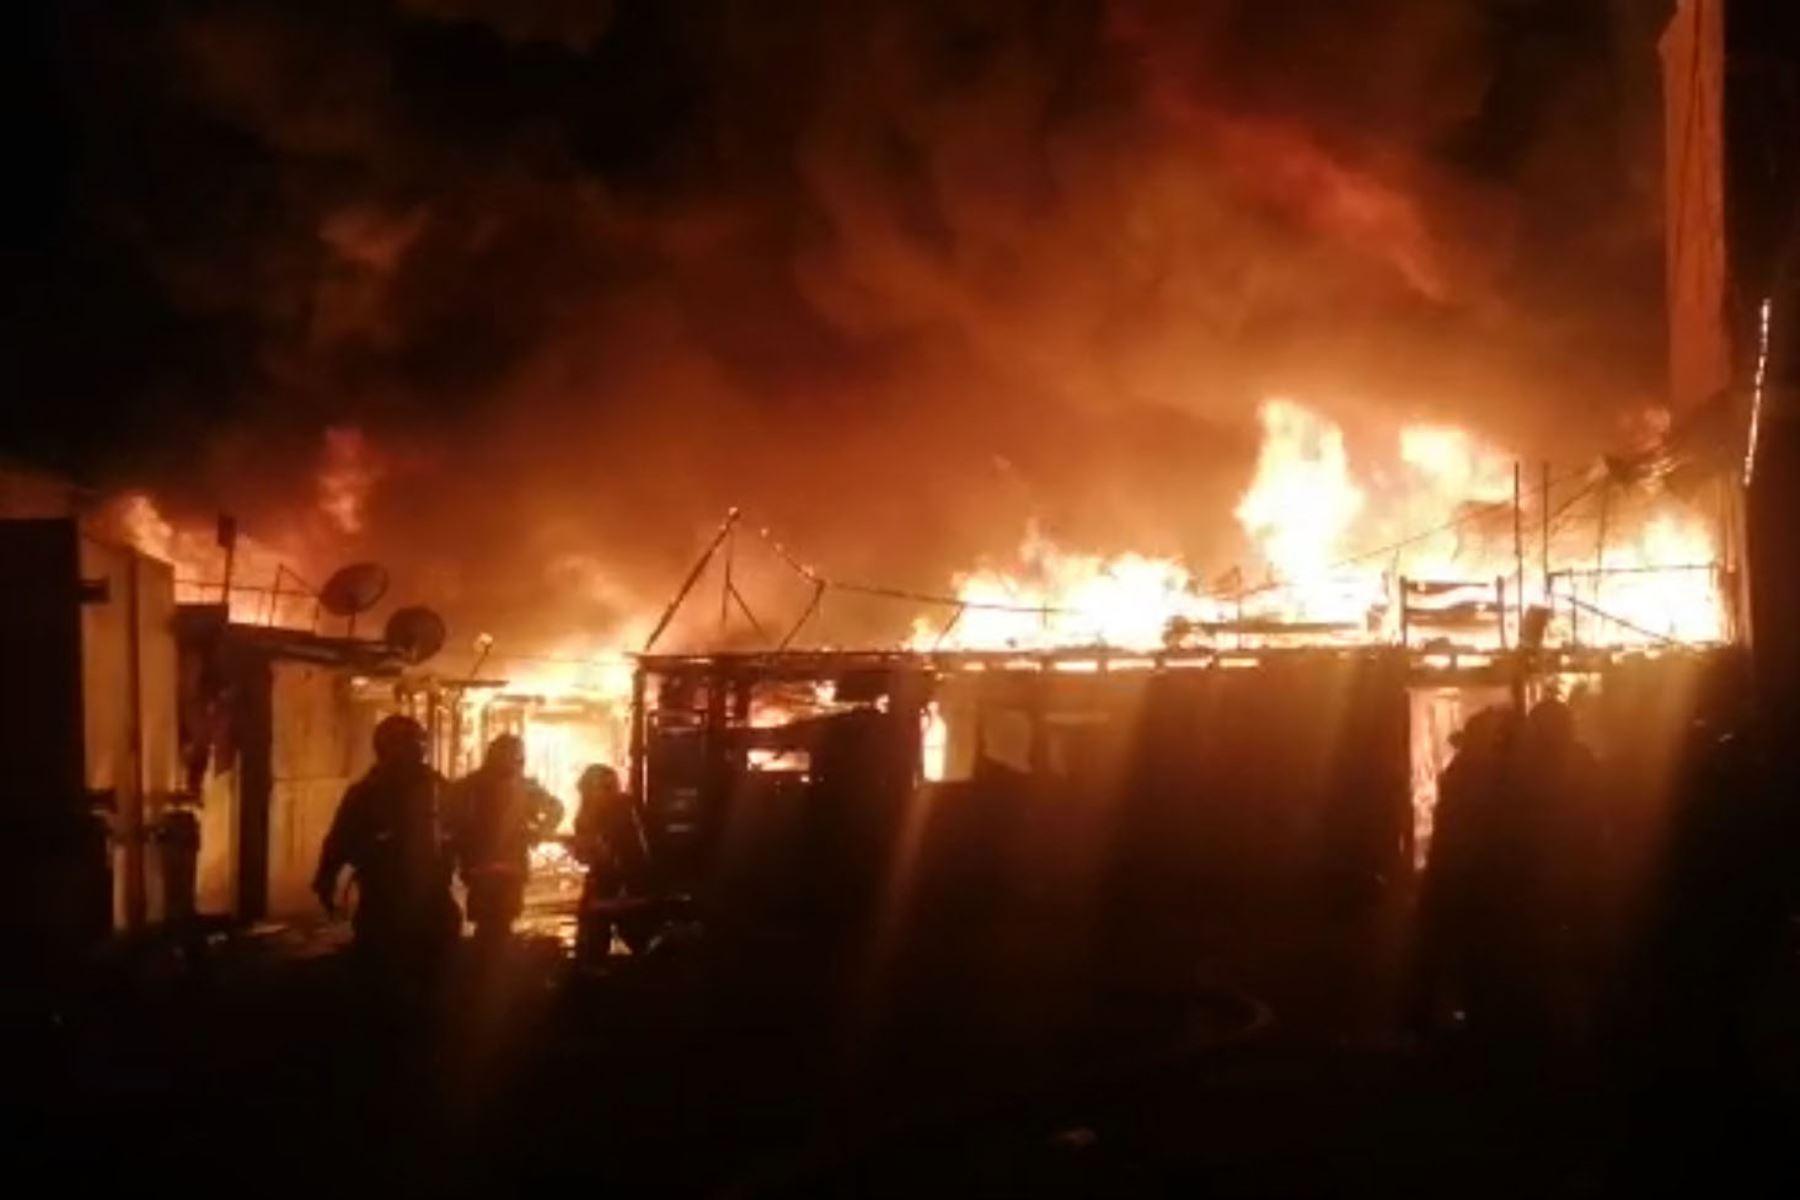 A esta hora de la noche más de 100 mujeres y hombres de rojo, ya se encuentran en la remoción de escombros y remojado del local, continúan en la labor de control del incendio. Captura TV